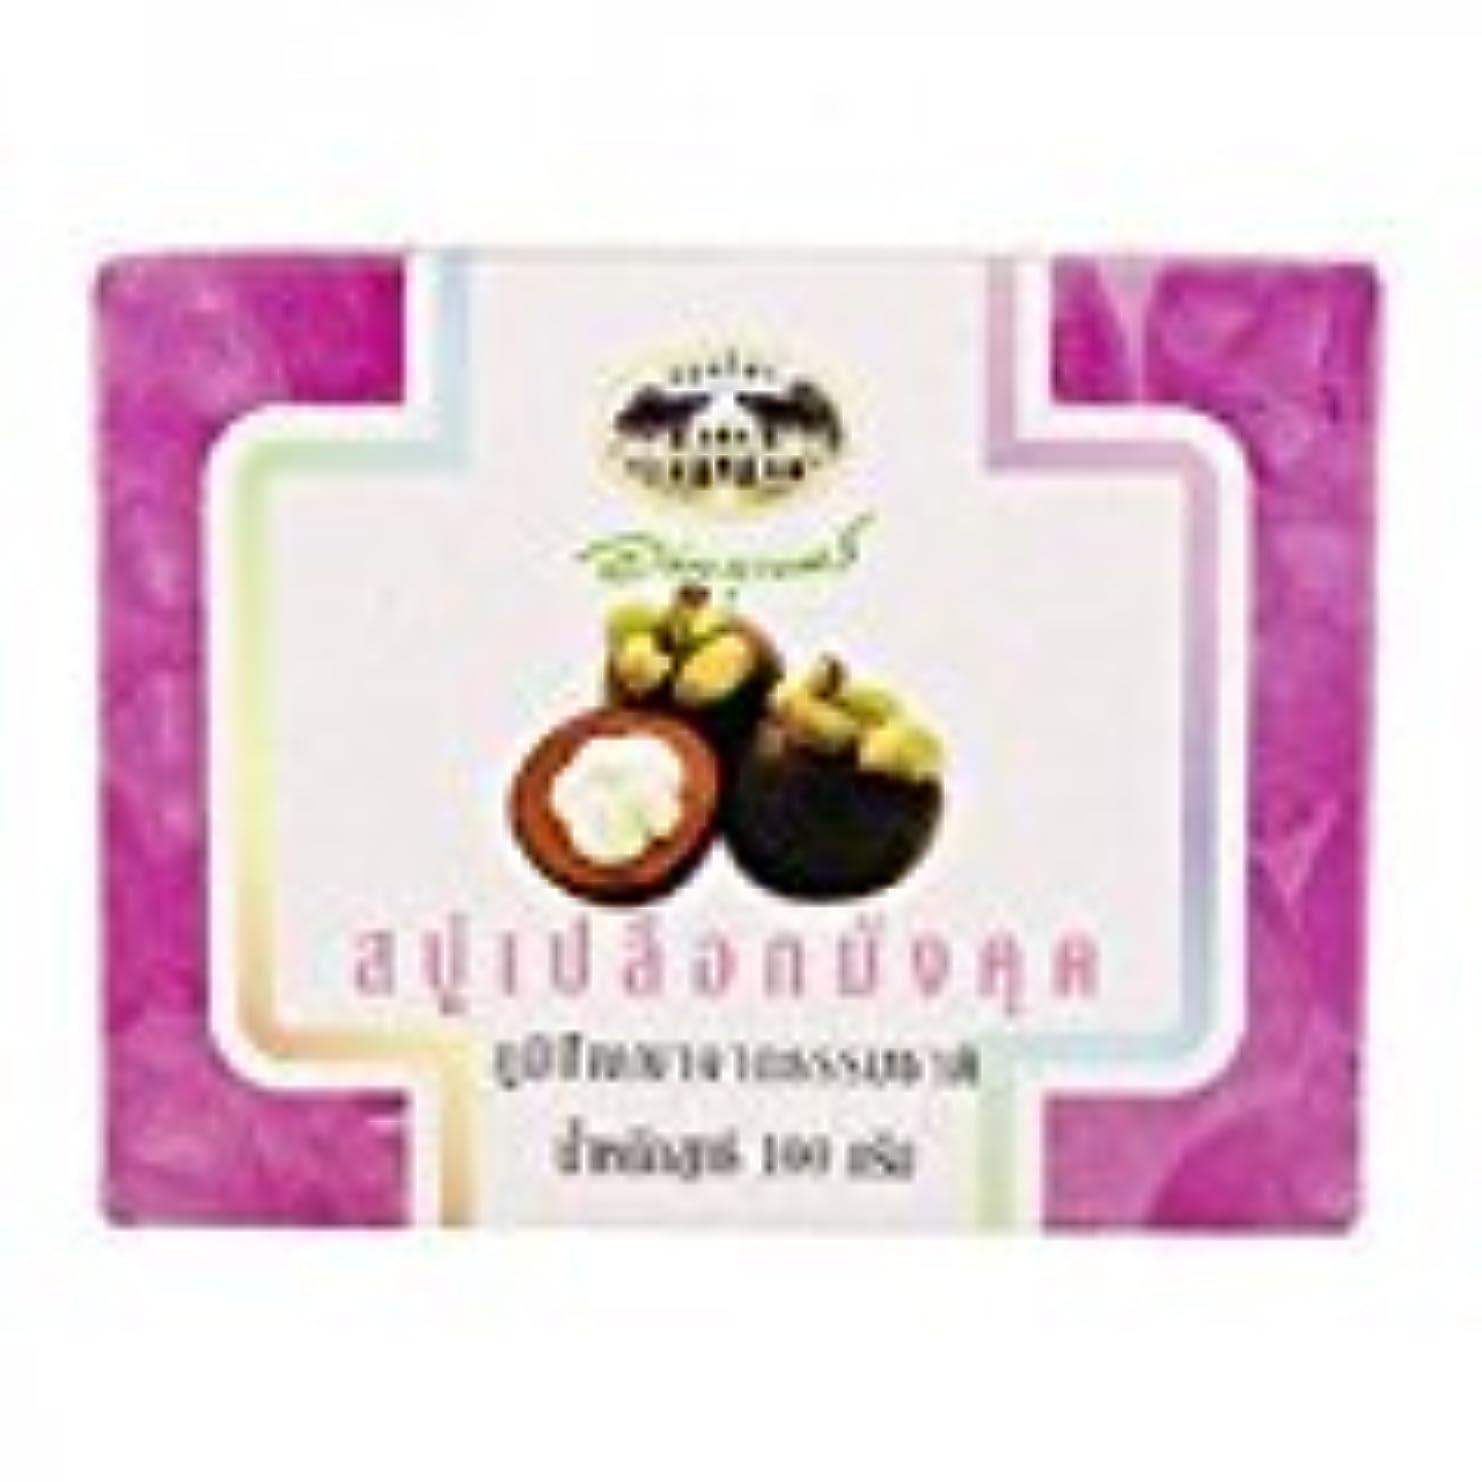 厚さ極小悲しむマンゴスチン石鹸 abhaibhubejhr Mangosteen Peel Soap 100g 1個